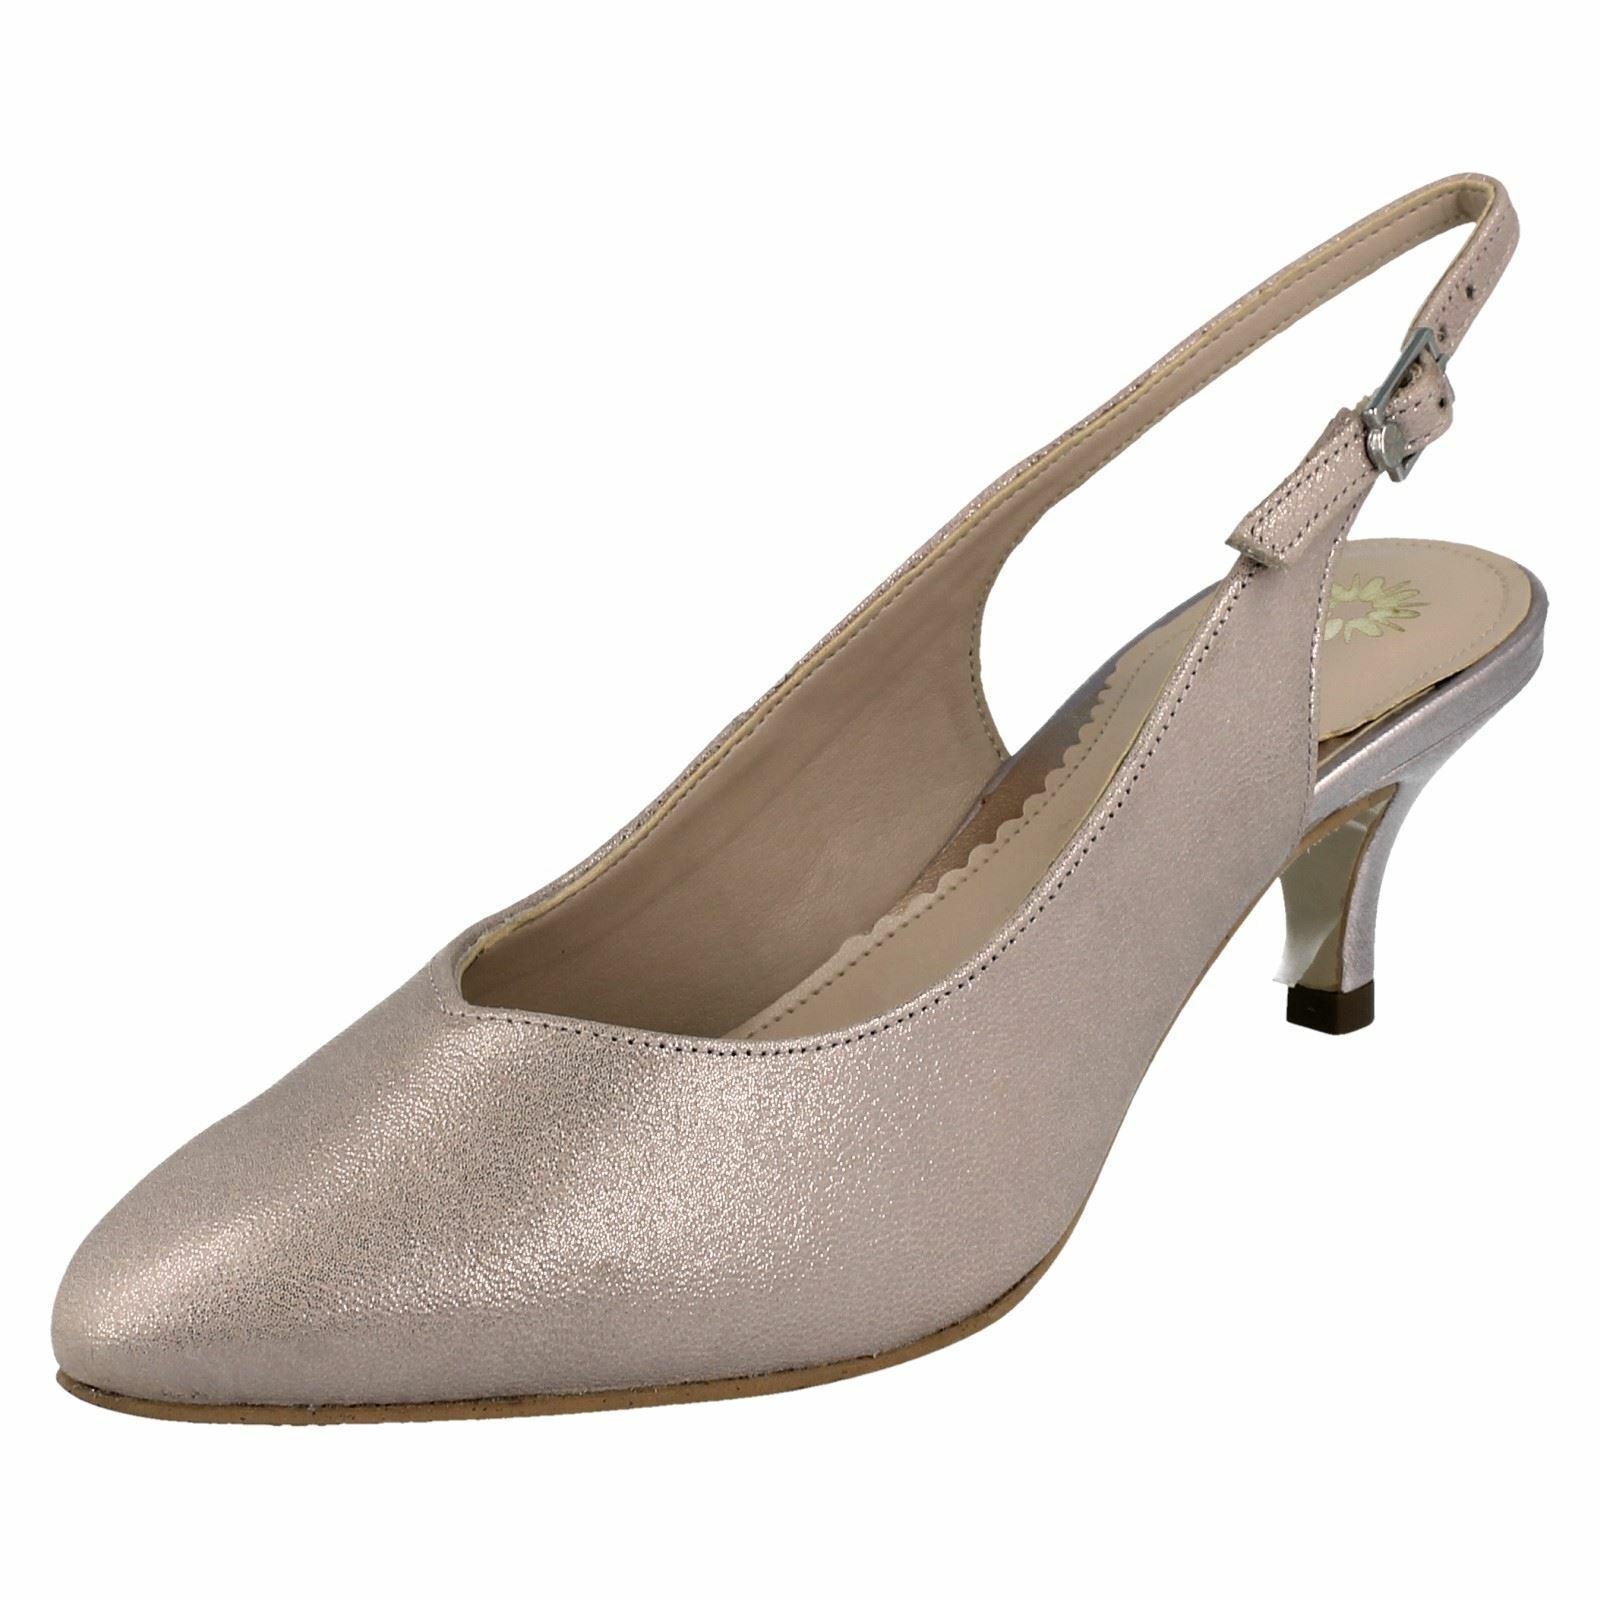 Señoras van dal elegante Slingback zapatos tovil